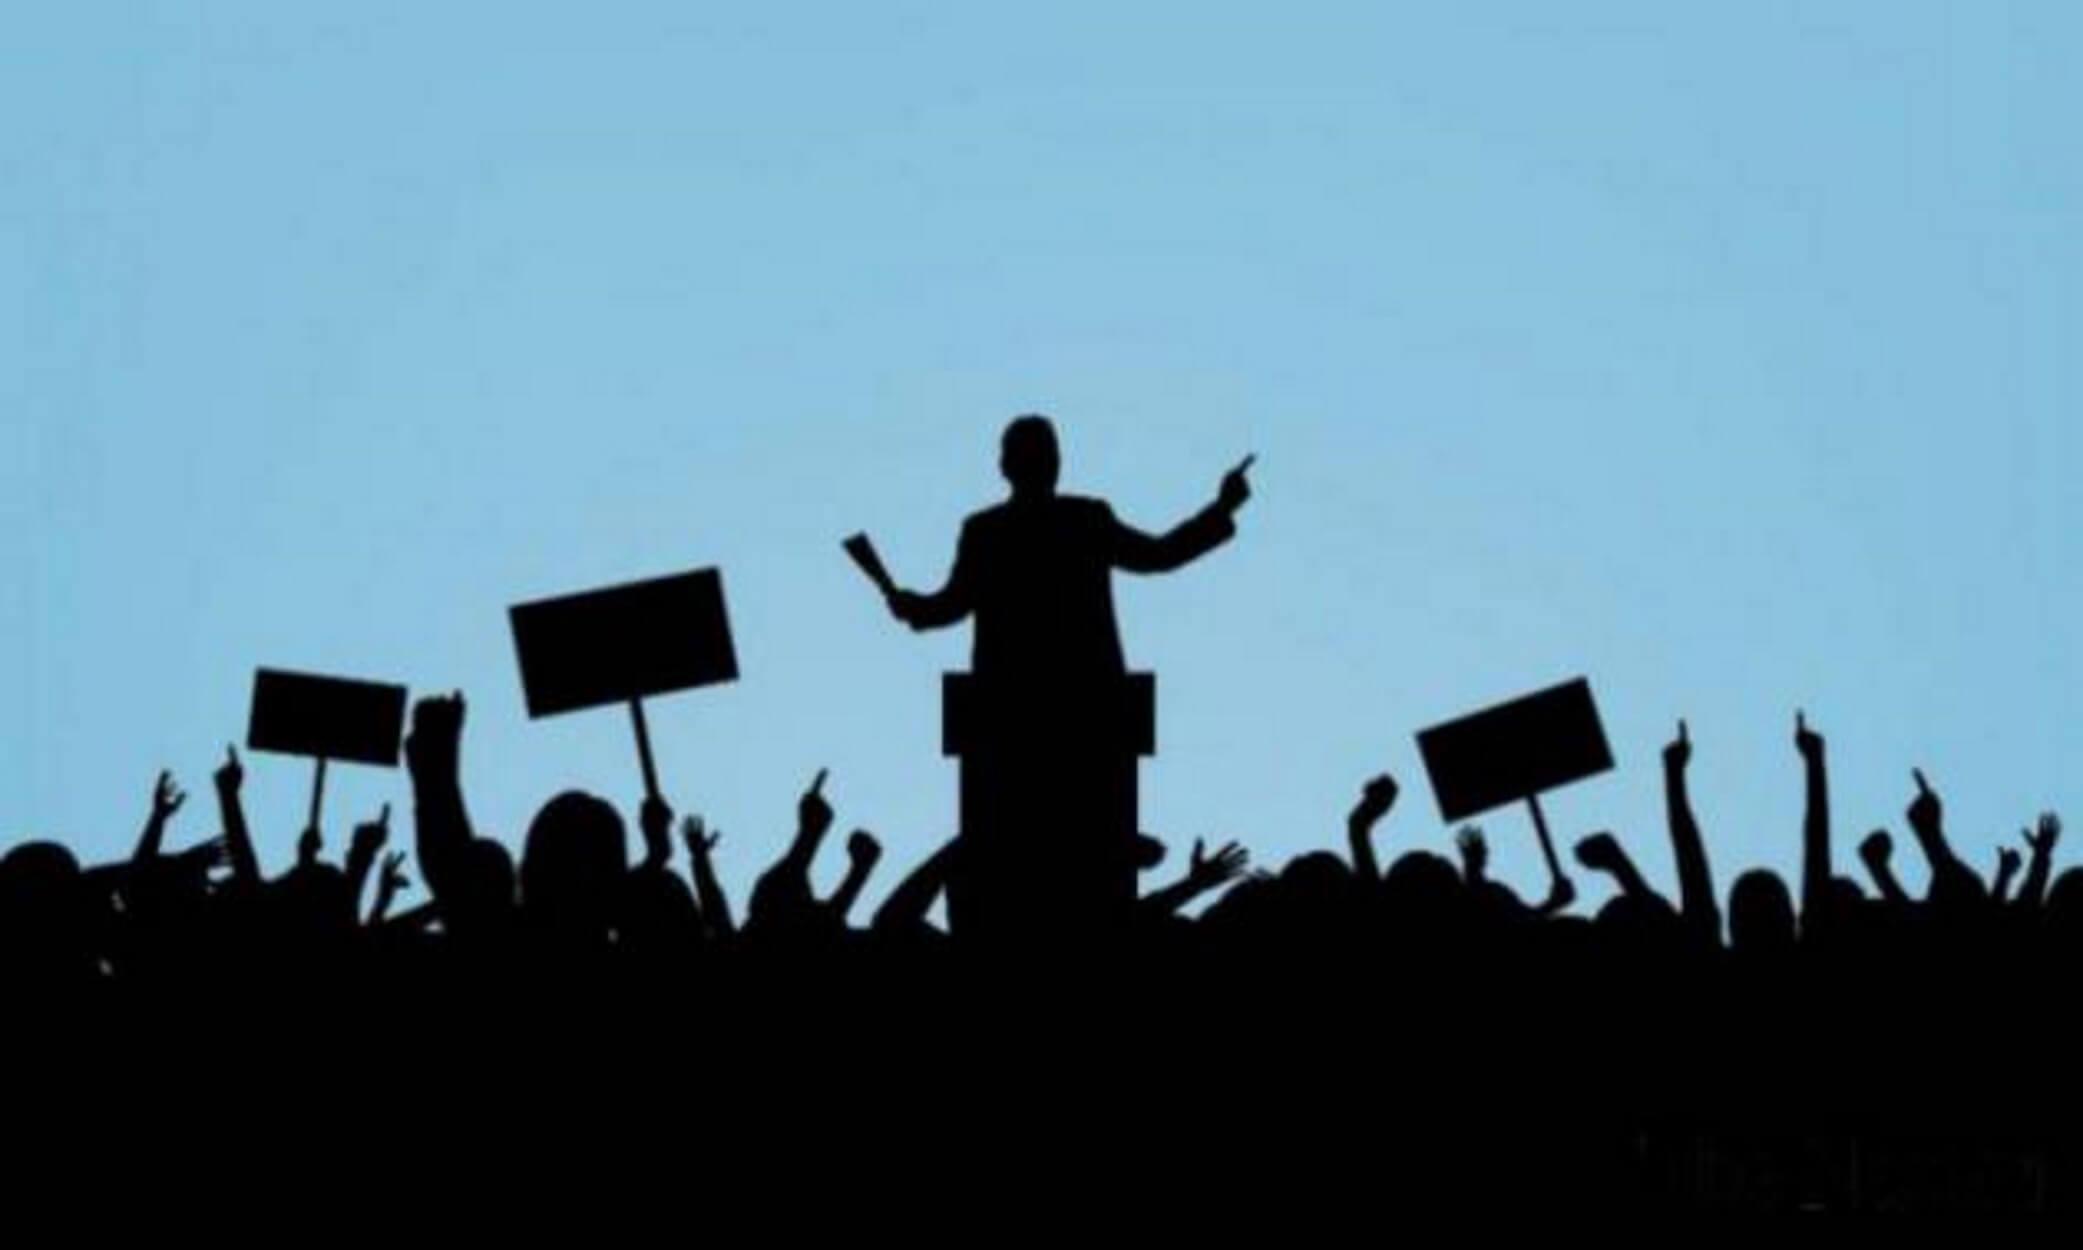 Λαϊκισμός: Πέρα από την οικονομία (μέρος δεύτερο)